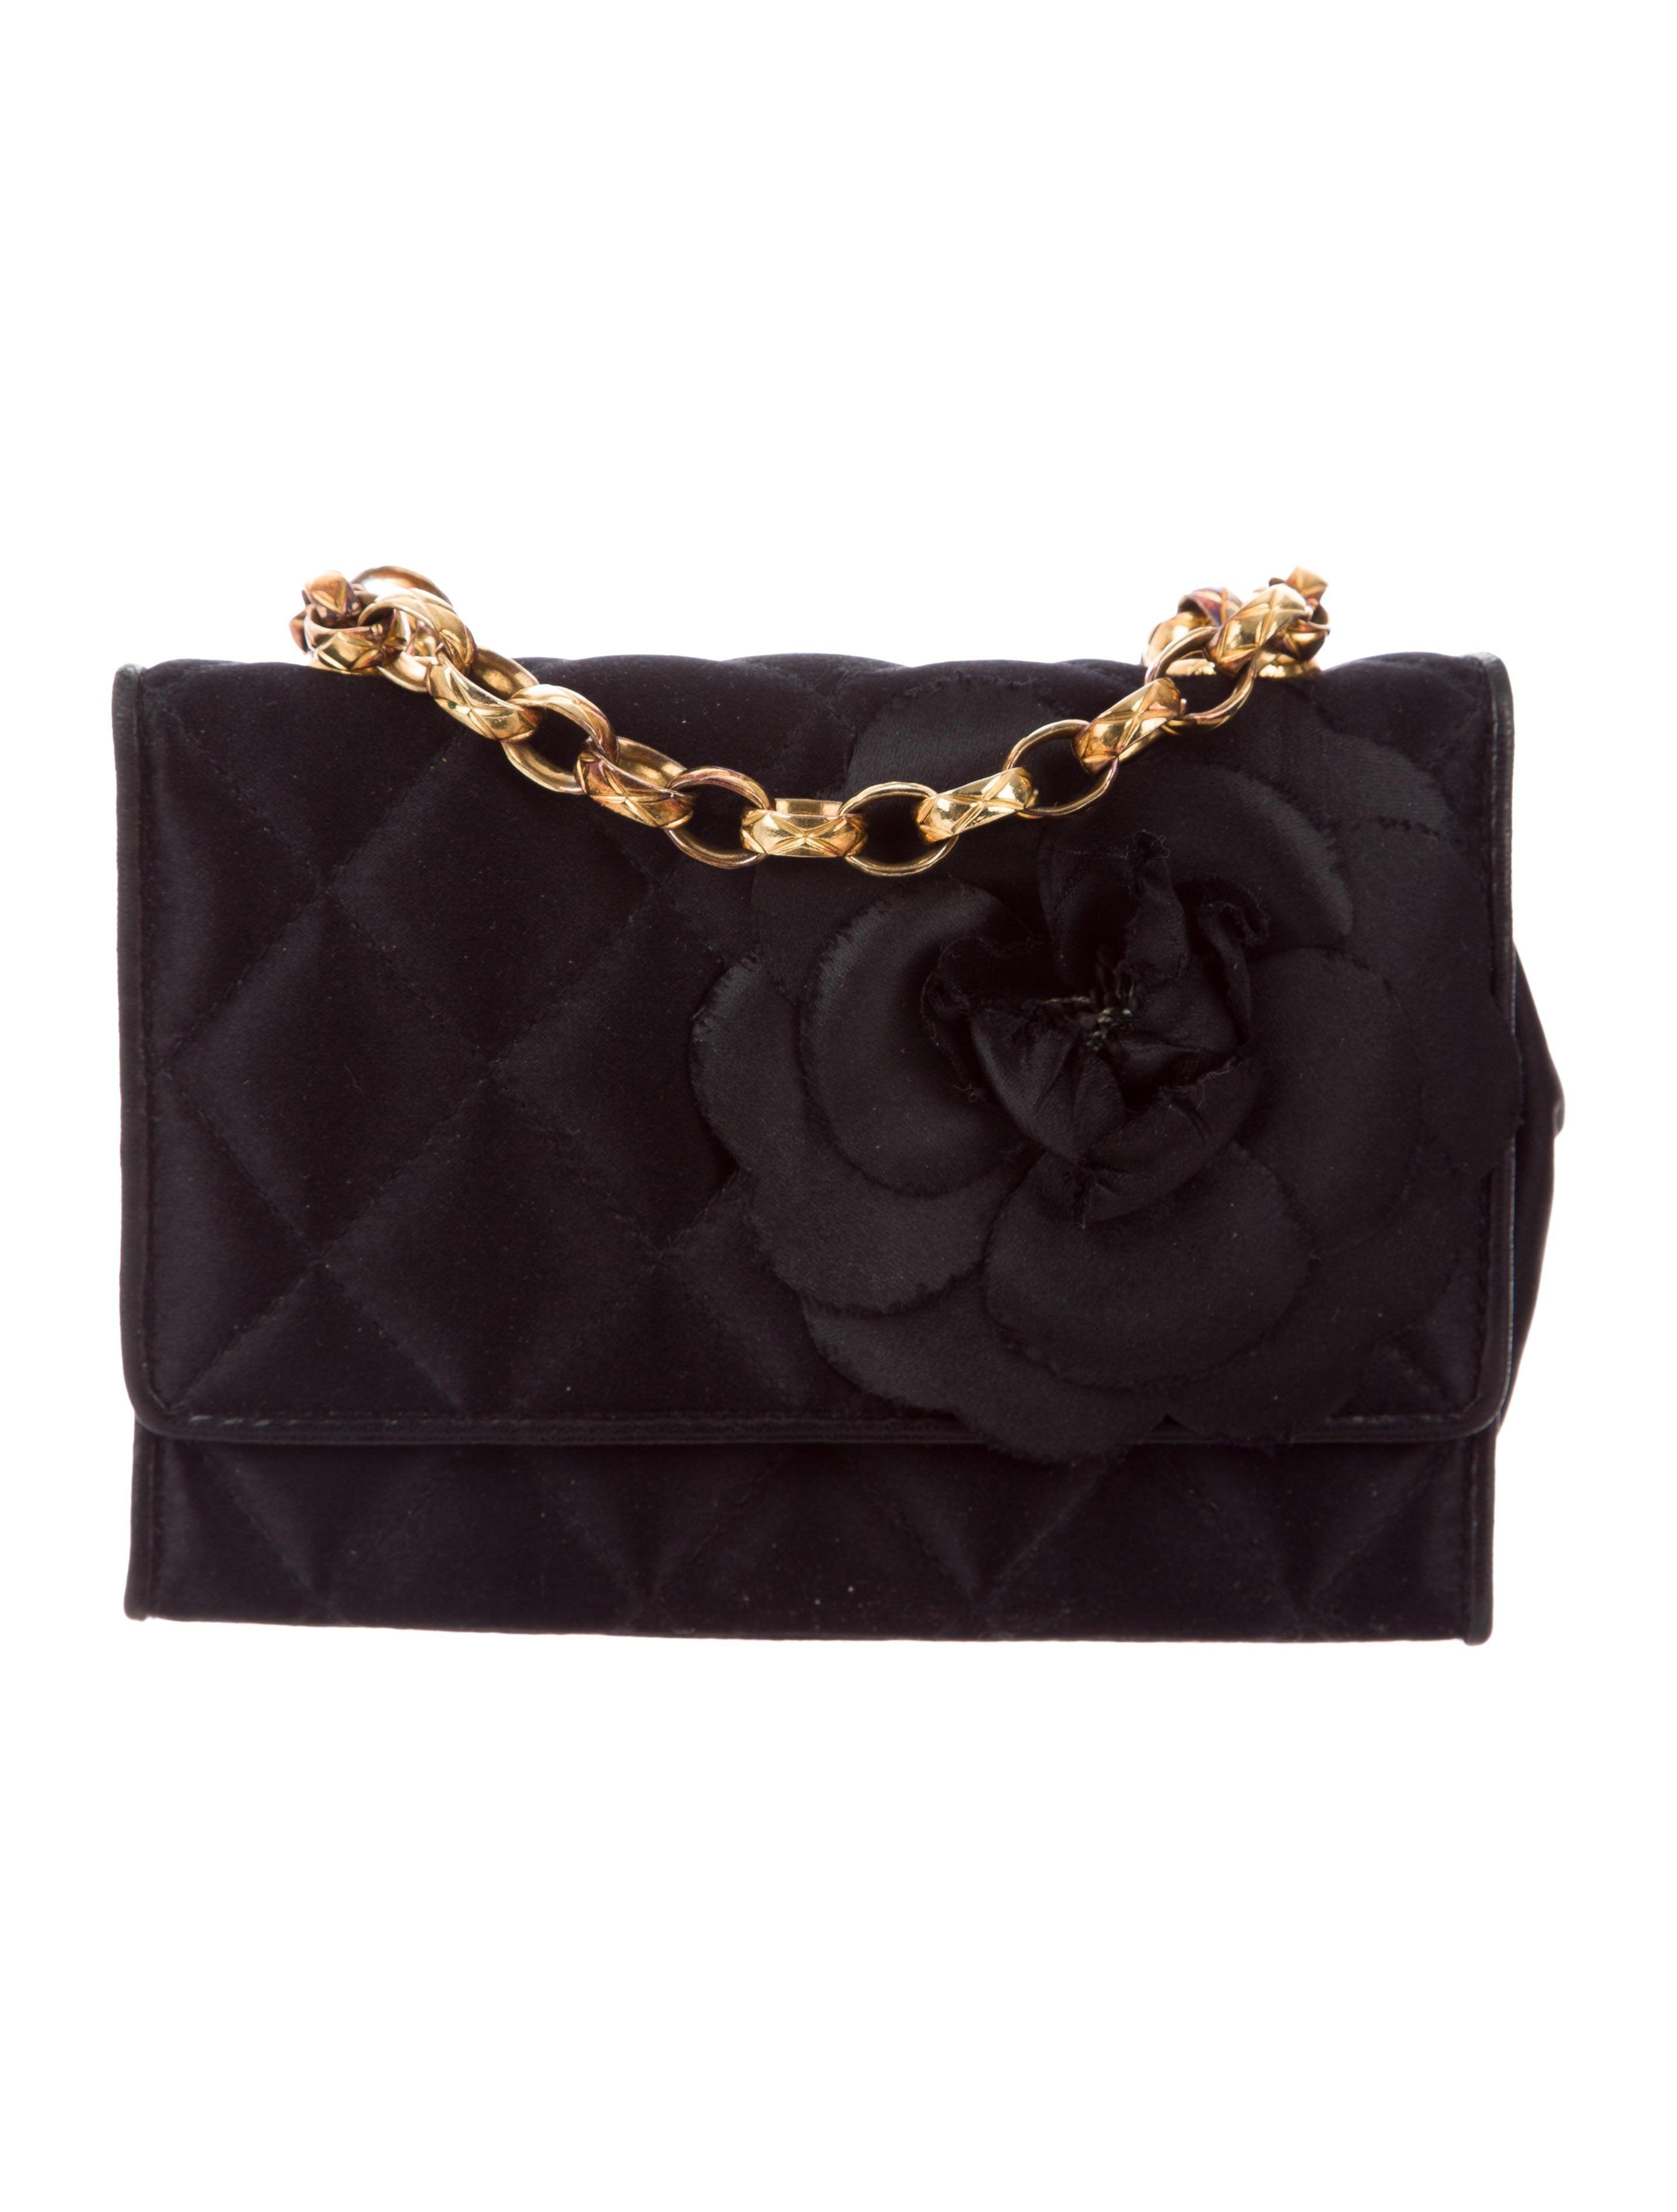 fa93ee2d77fc Chanel Satin Camellia Flap Bag - Handbags - CHA222317